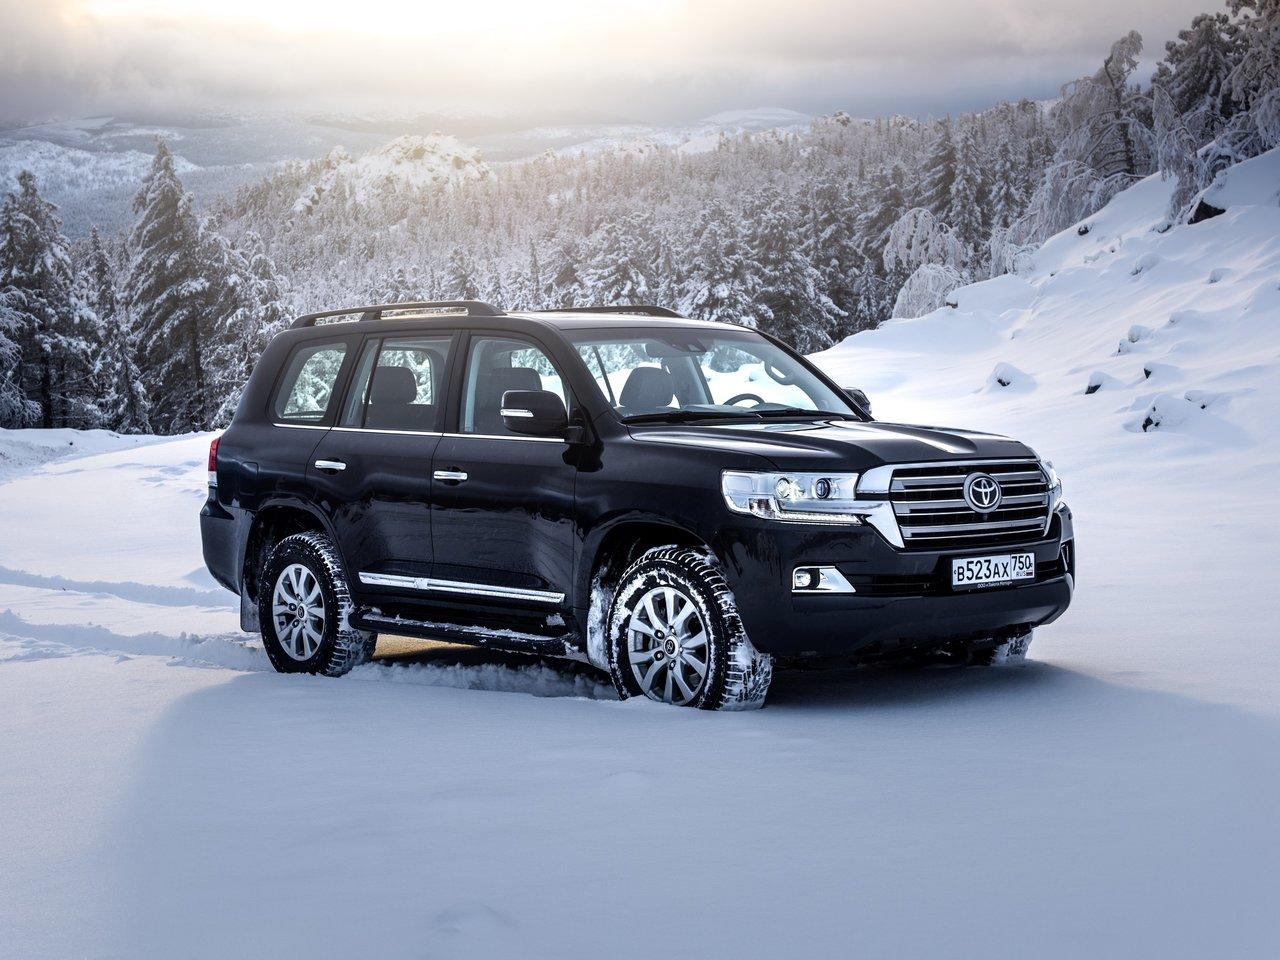 Toyota Land Cruiser 200 2020 – Цены и комплектации нового кузова